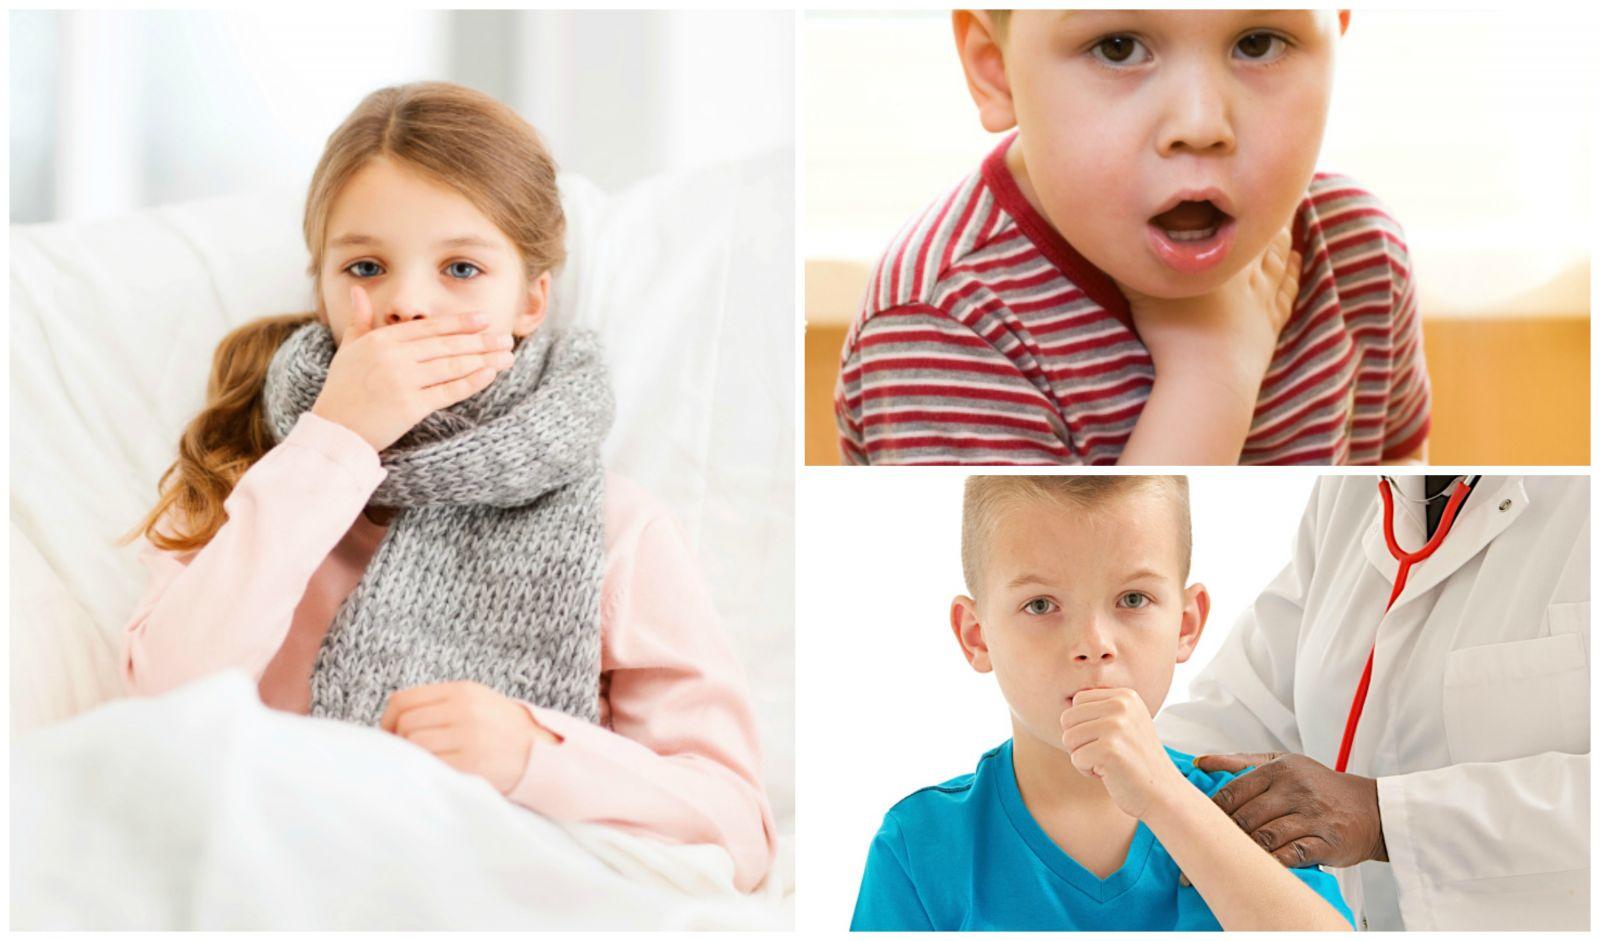 Длительный кашель у ребенка: причины и лечение сухого и влажного кашля у детей